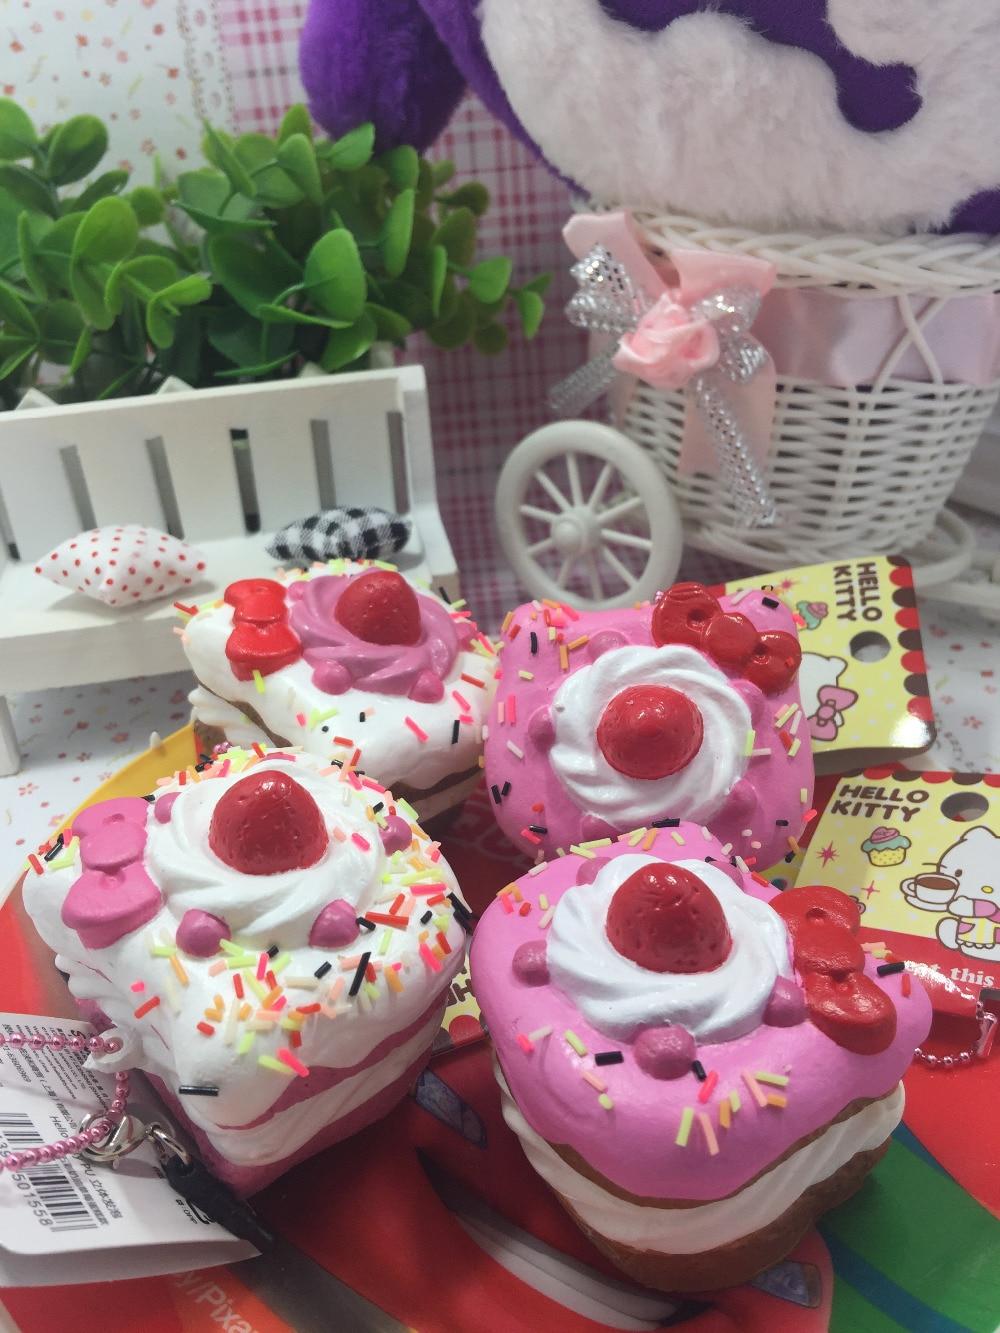 Eredeti csomag Ritka Hello Kitty Squishy édes sütemény Squishys játékok Charm rózsaszín stressz játék pánt nagykereskedelmi Squishies 8Pcs / tétel 473